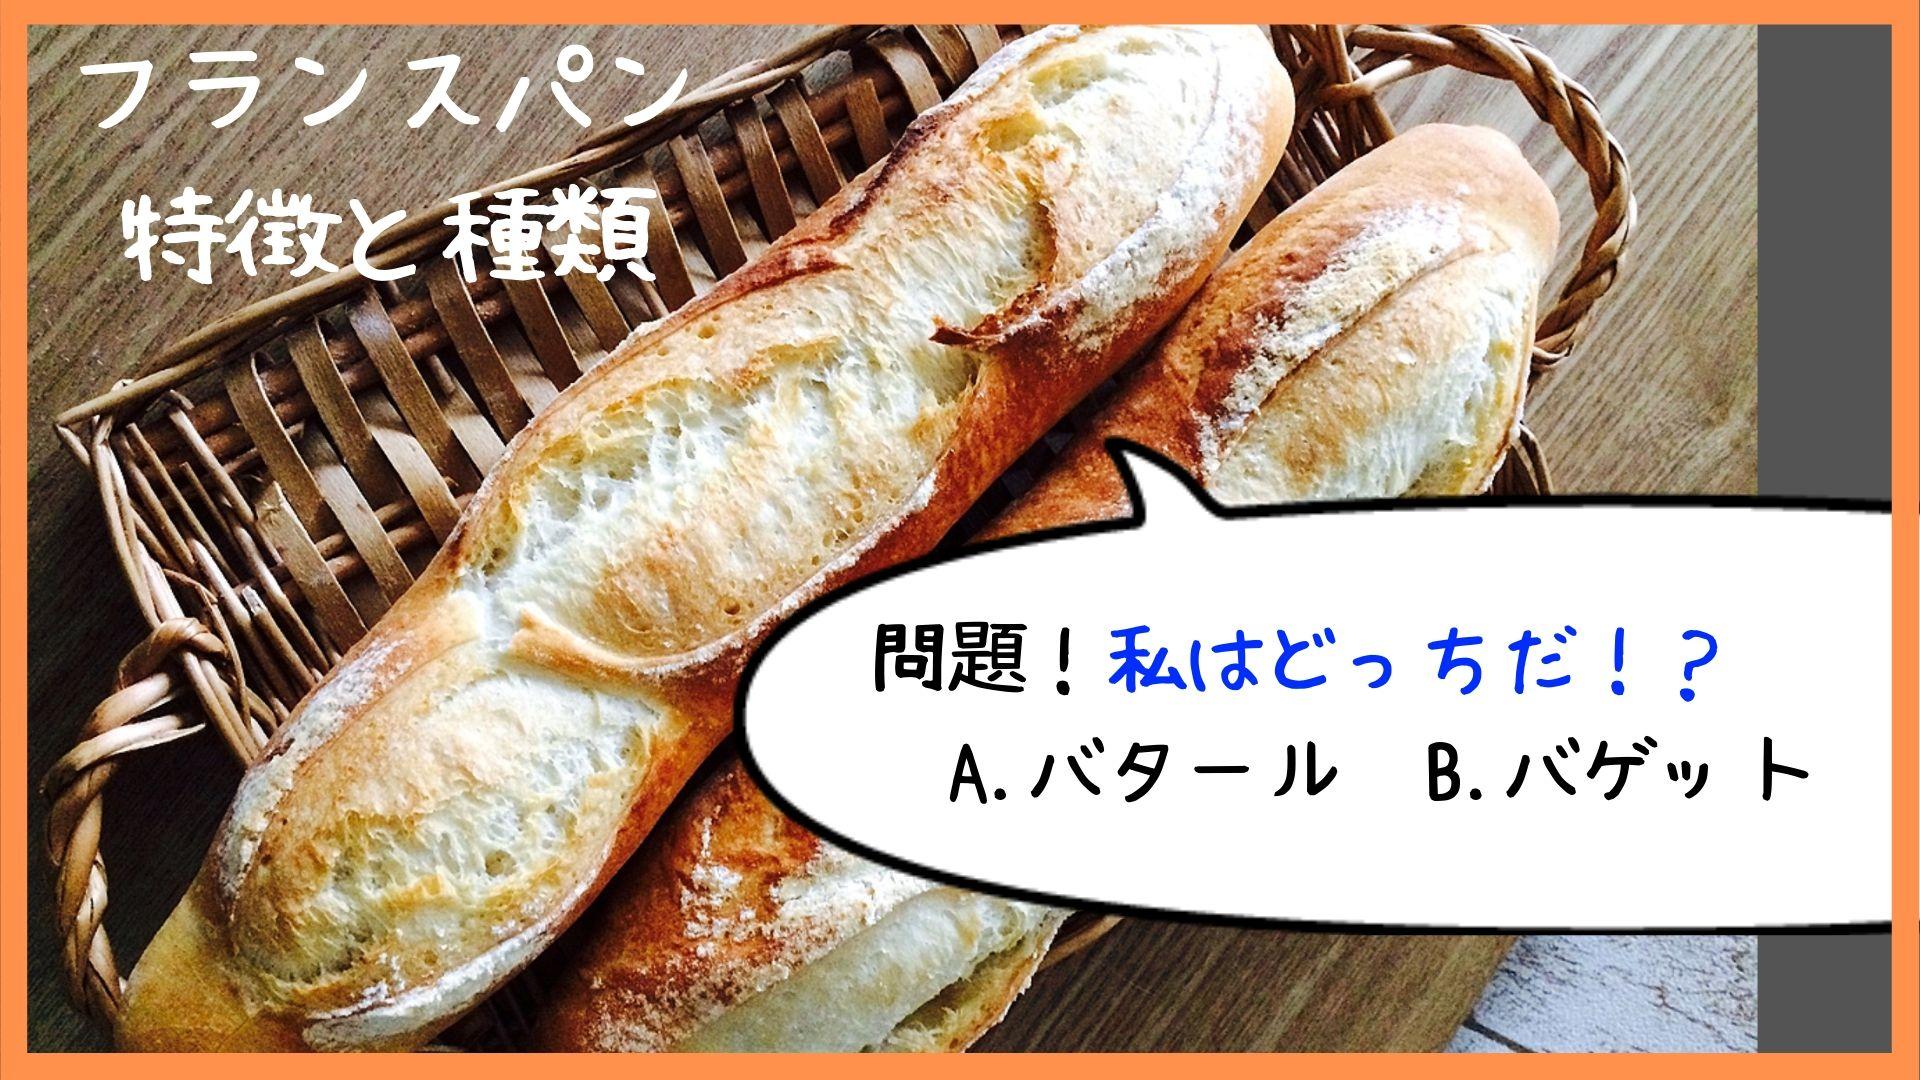 フランスパンの特徴と種類を解説